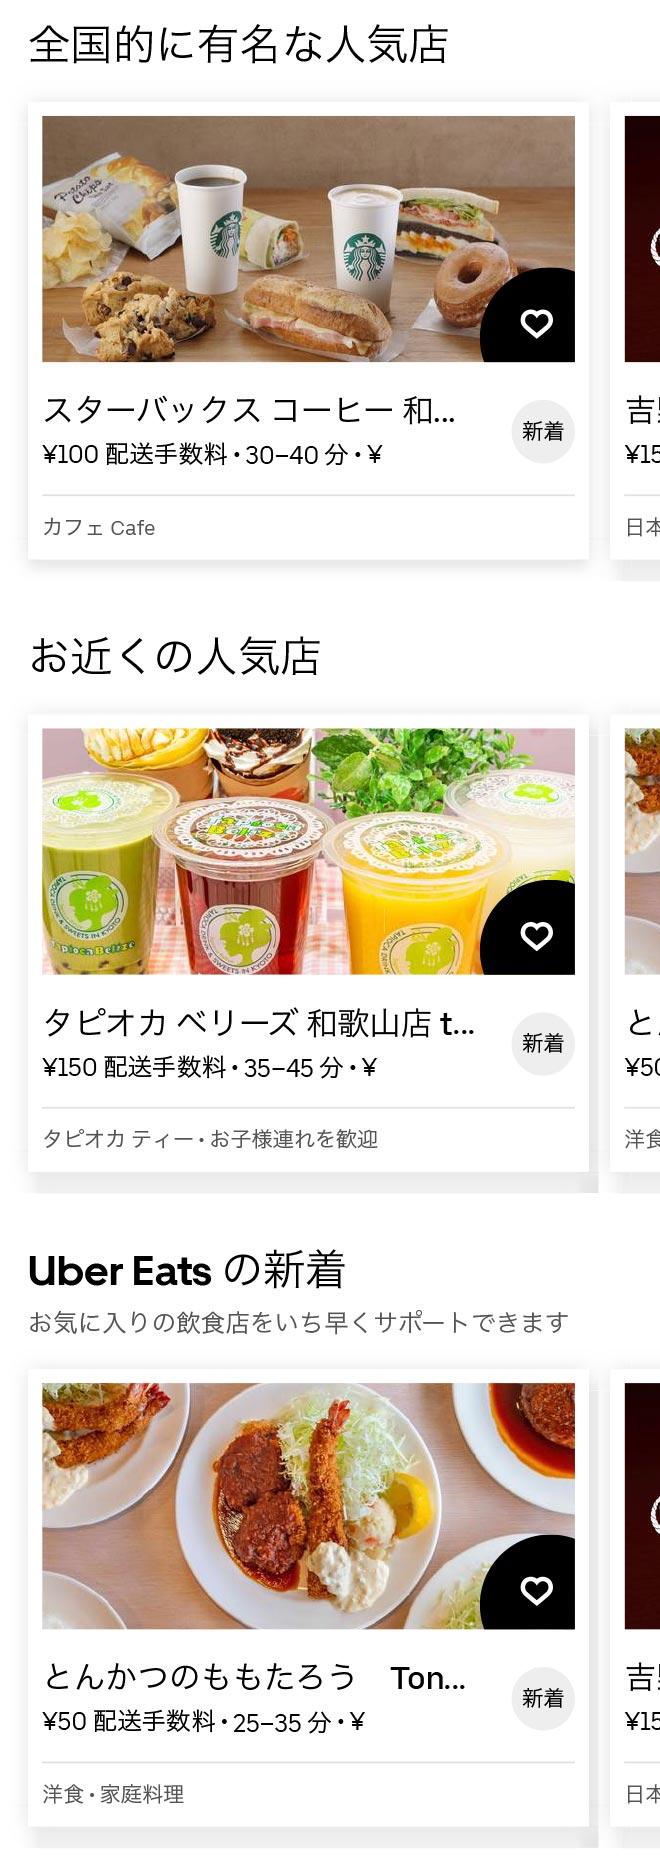 W miyamae menu 2011 1